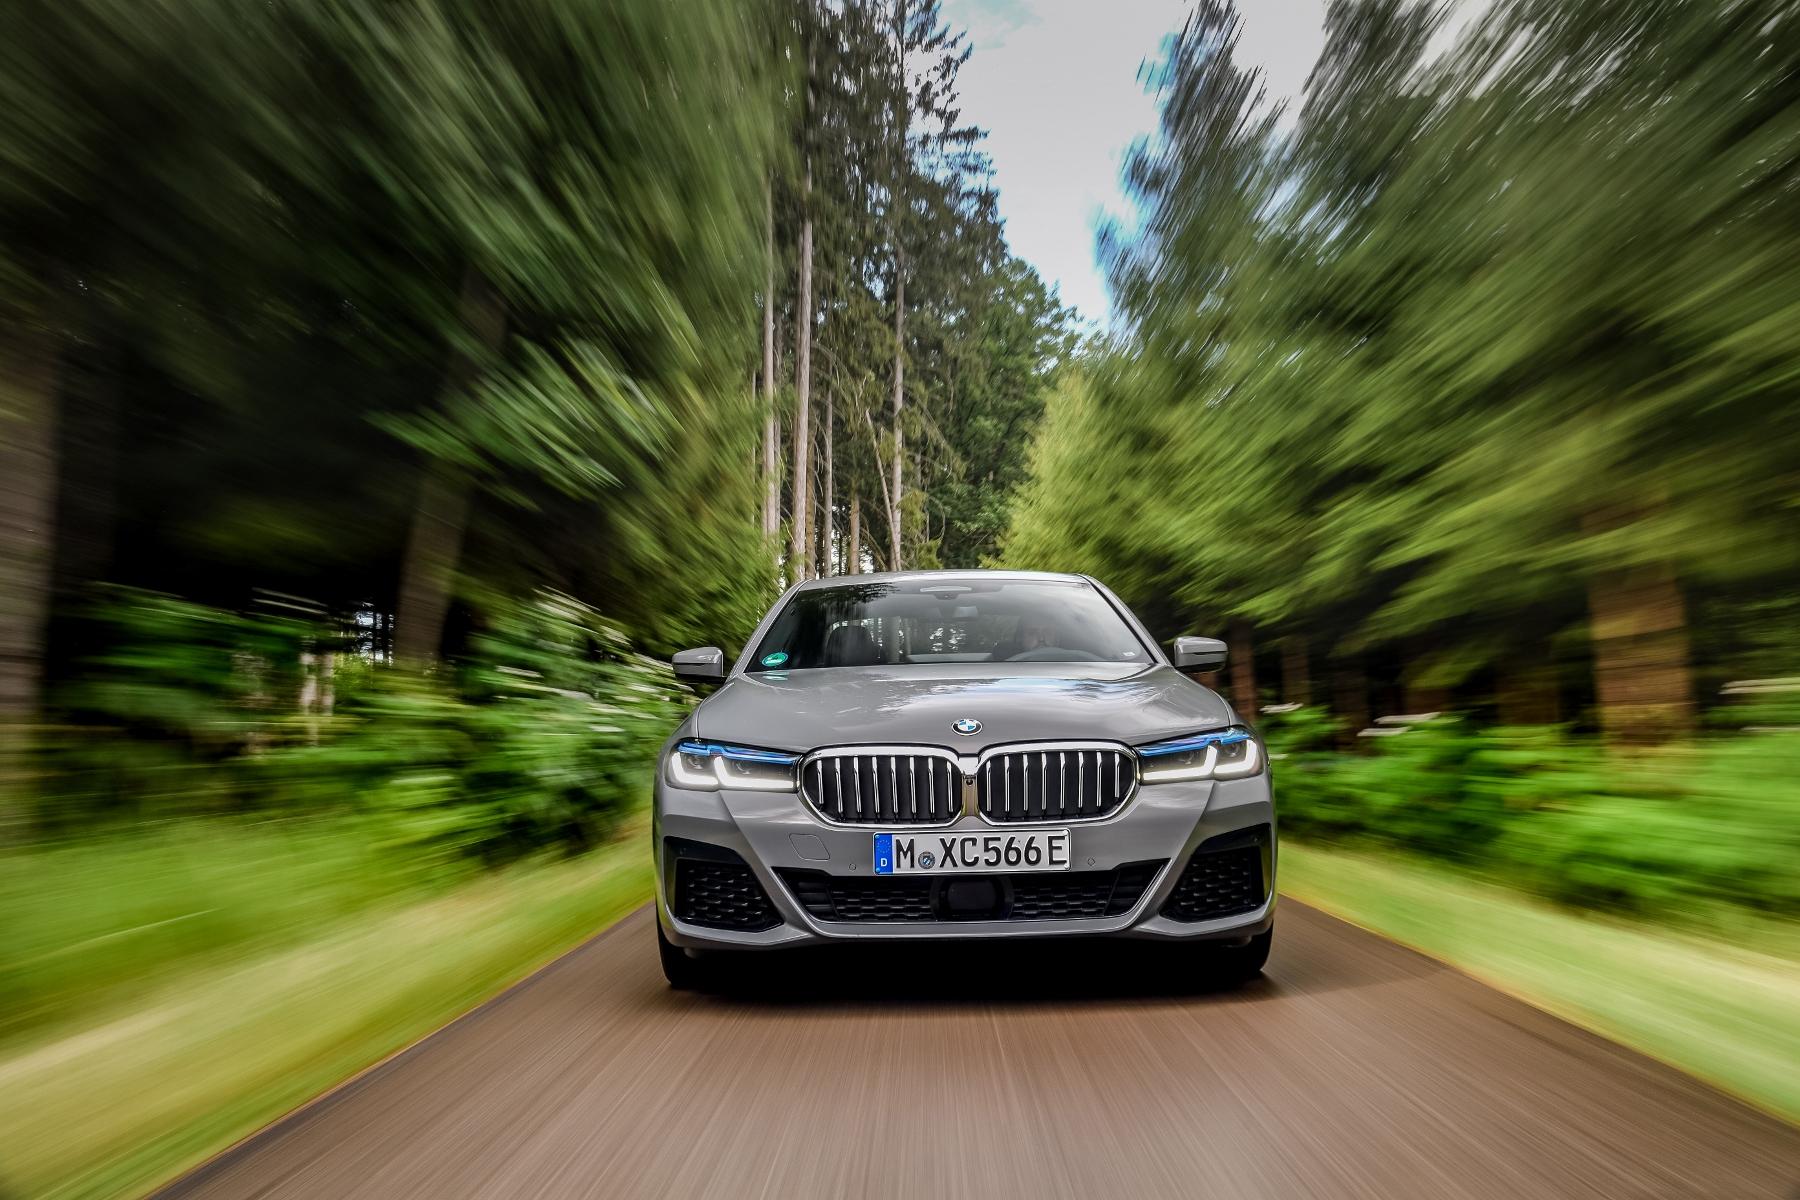 BMW radu 5 dostane silnejší plug in hybrid 545e xDrive